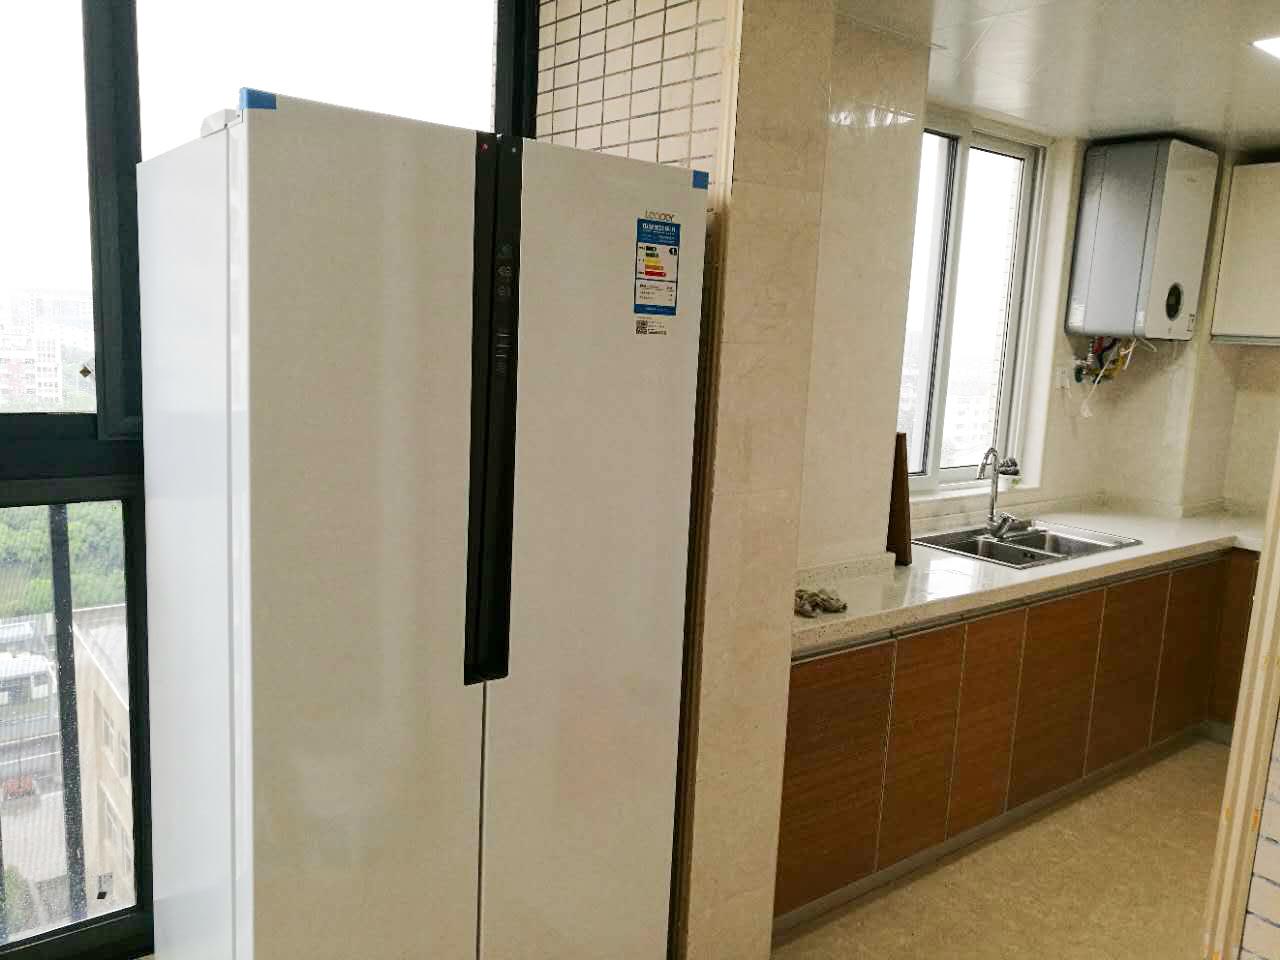 双开门冰箱放置在厨房门口,方便存取食物。